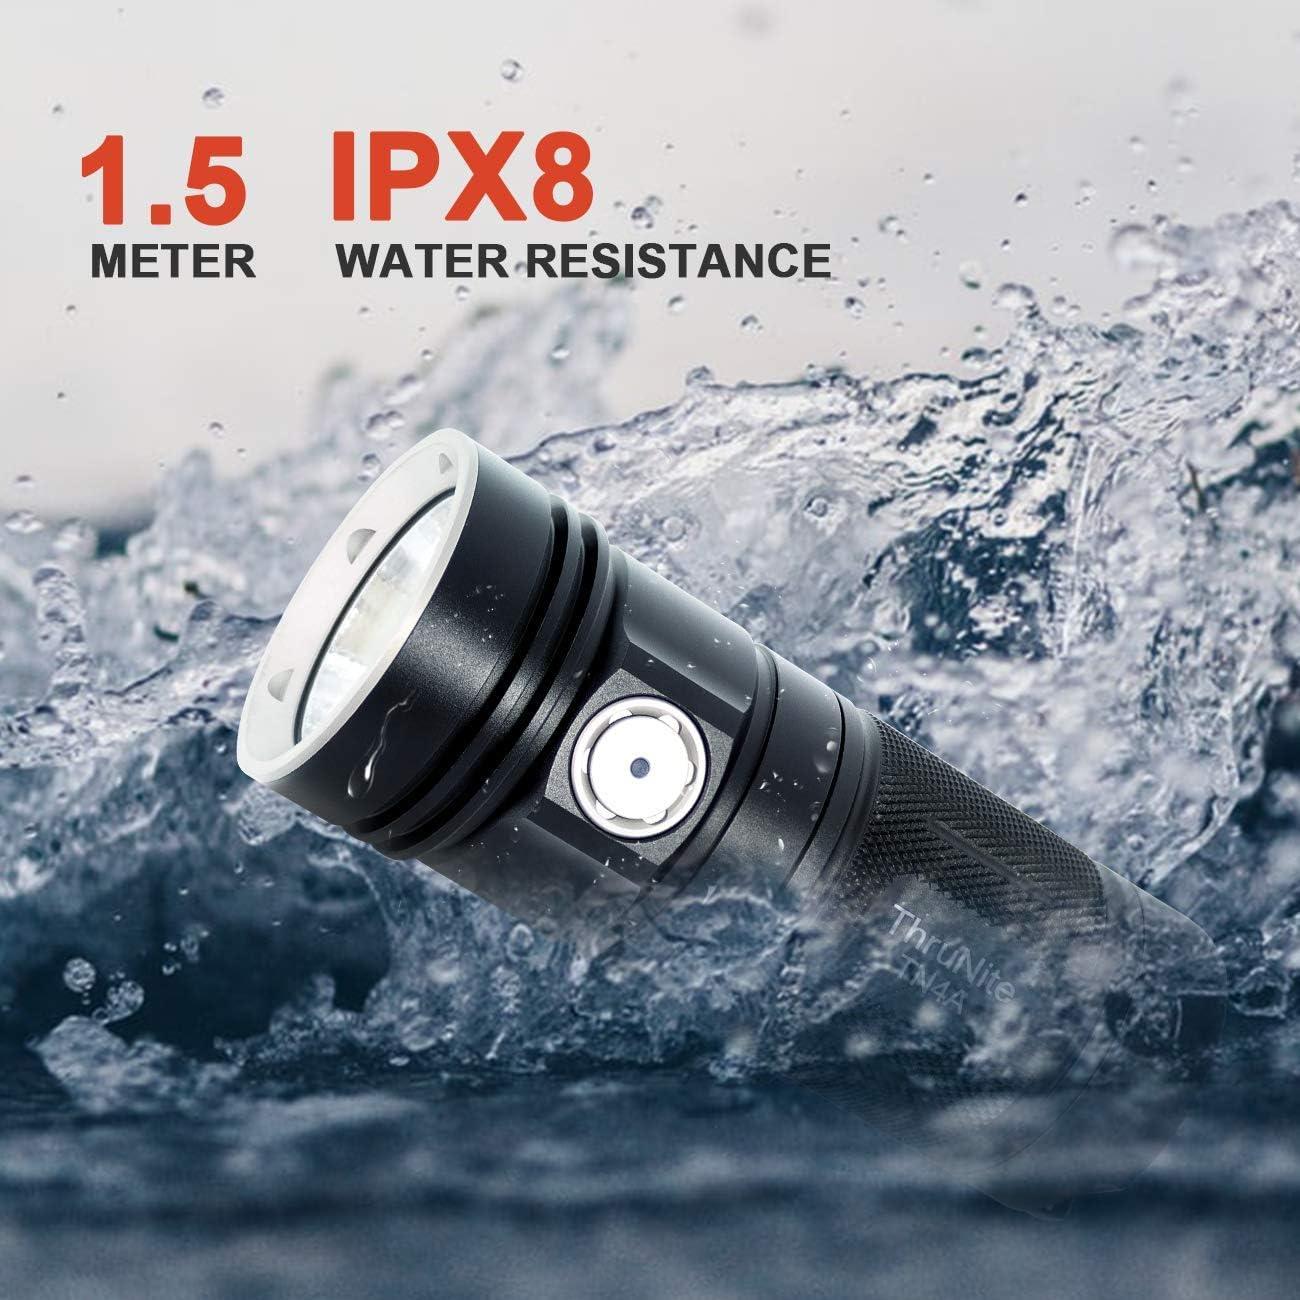 Cool White batterie non incluse Torcia ThruNite TN4A CREE XP-L Torcia a LED 1150 Lumen Search Light Super Bright